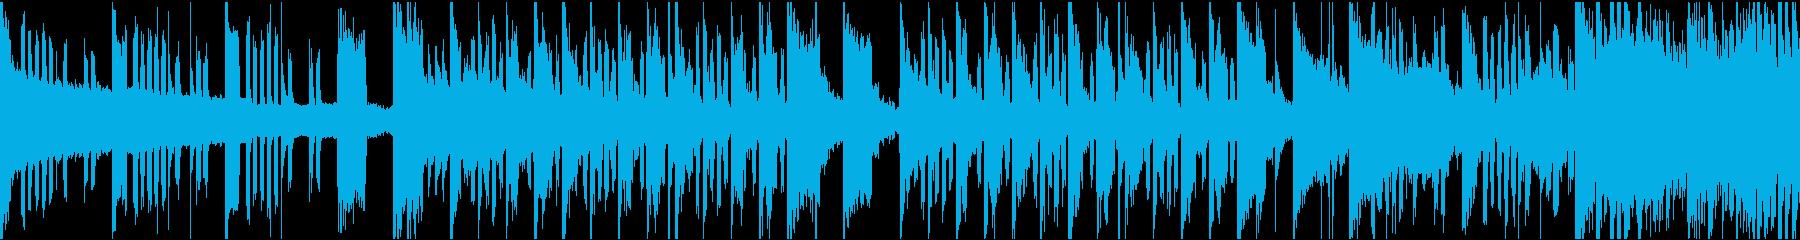 シンセサイザーっぽい音色のループ音楽の再生済みの波形